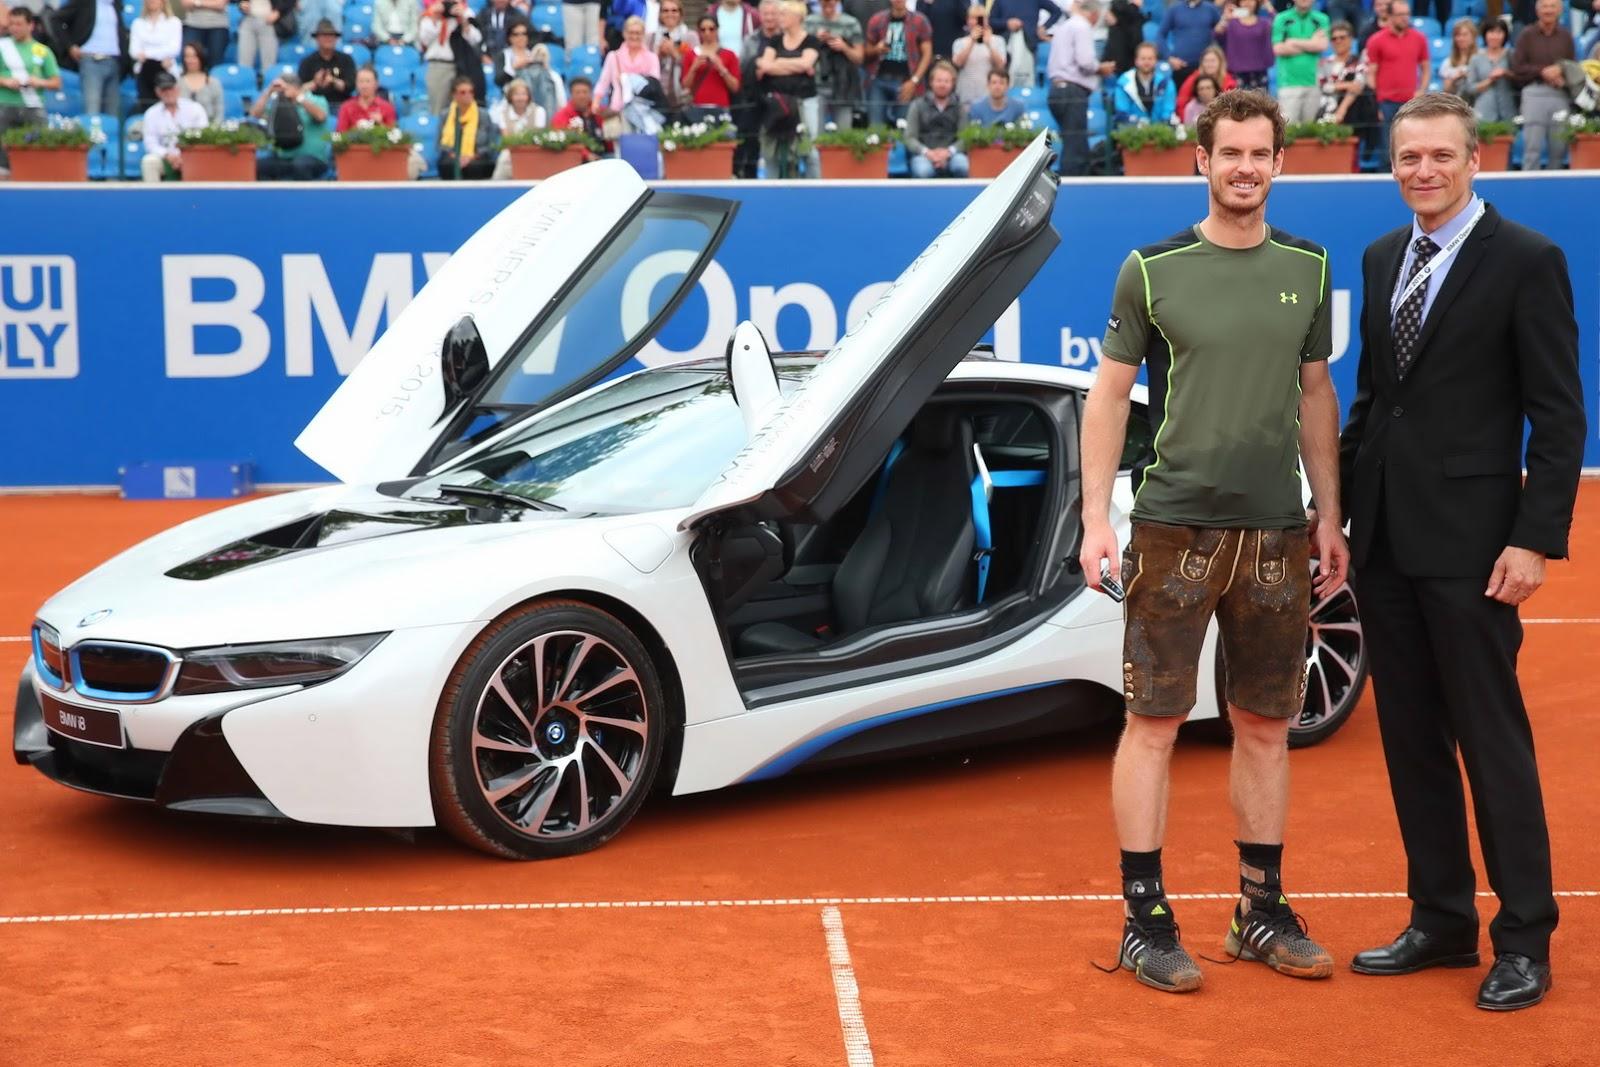 Andy Murray Awarded 2015 Bmw I8 Gtspirit